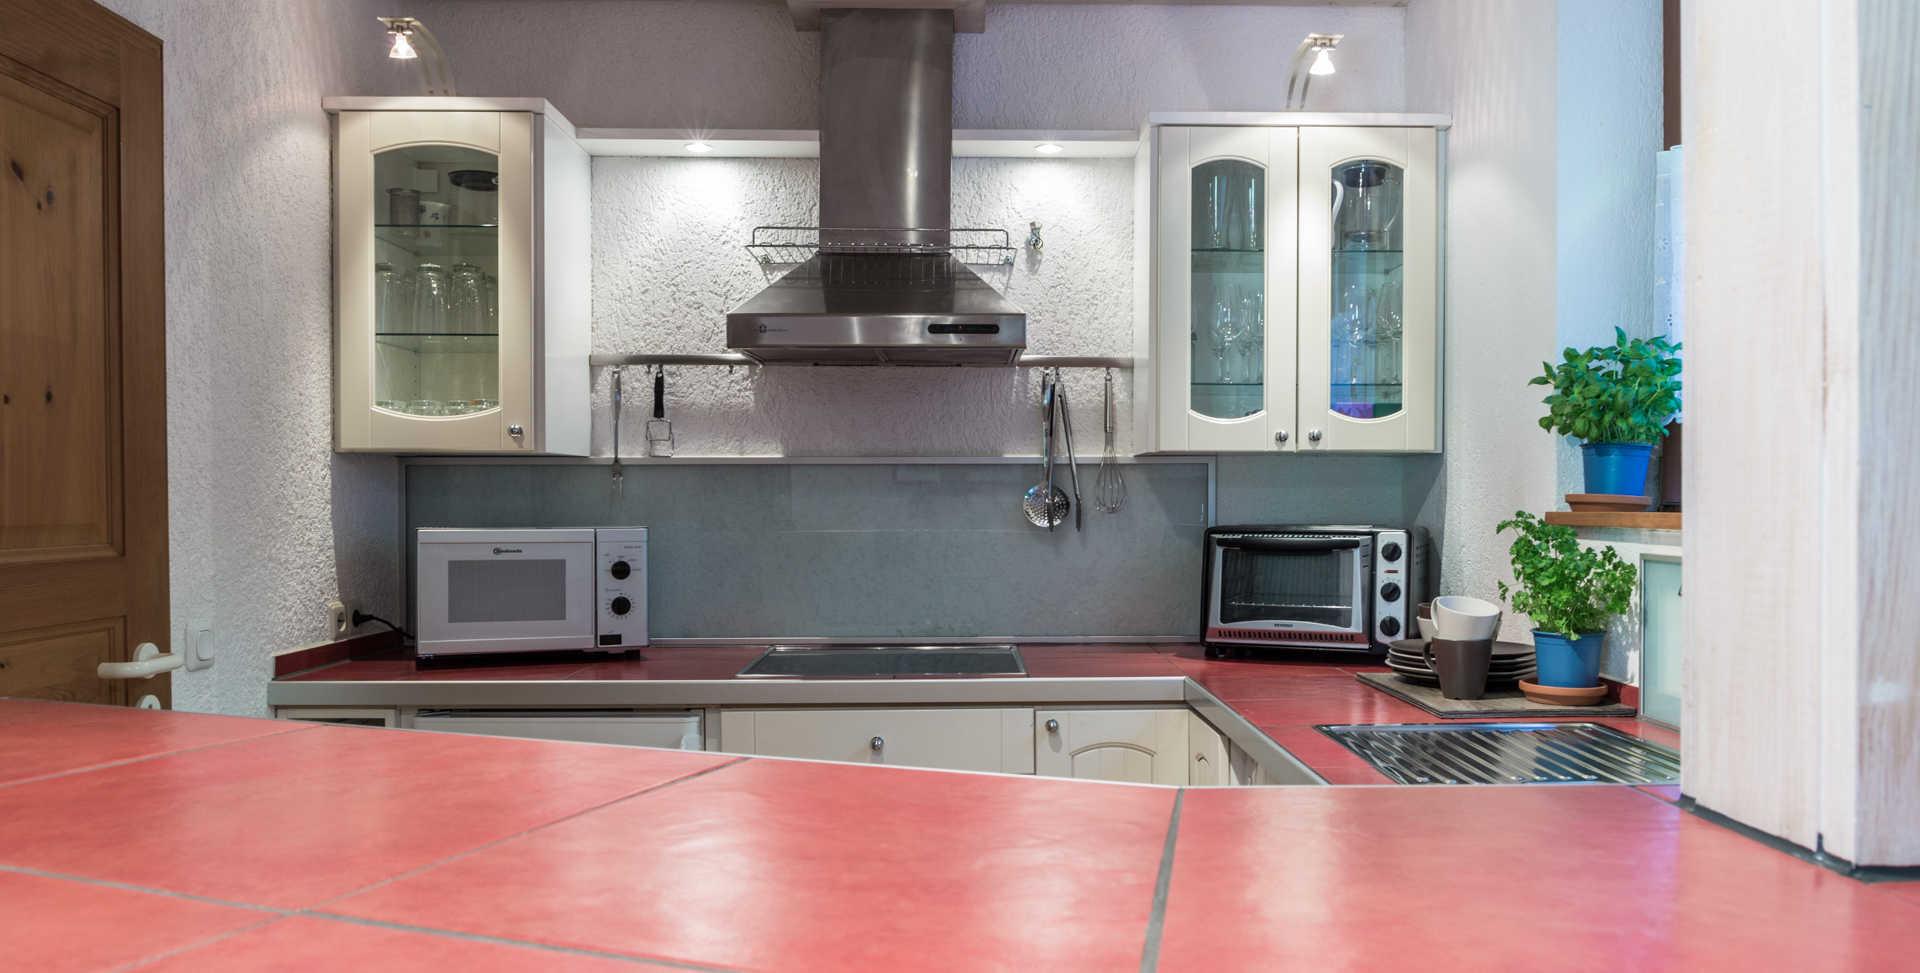 Küche Traumland - Klaushausen